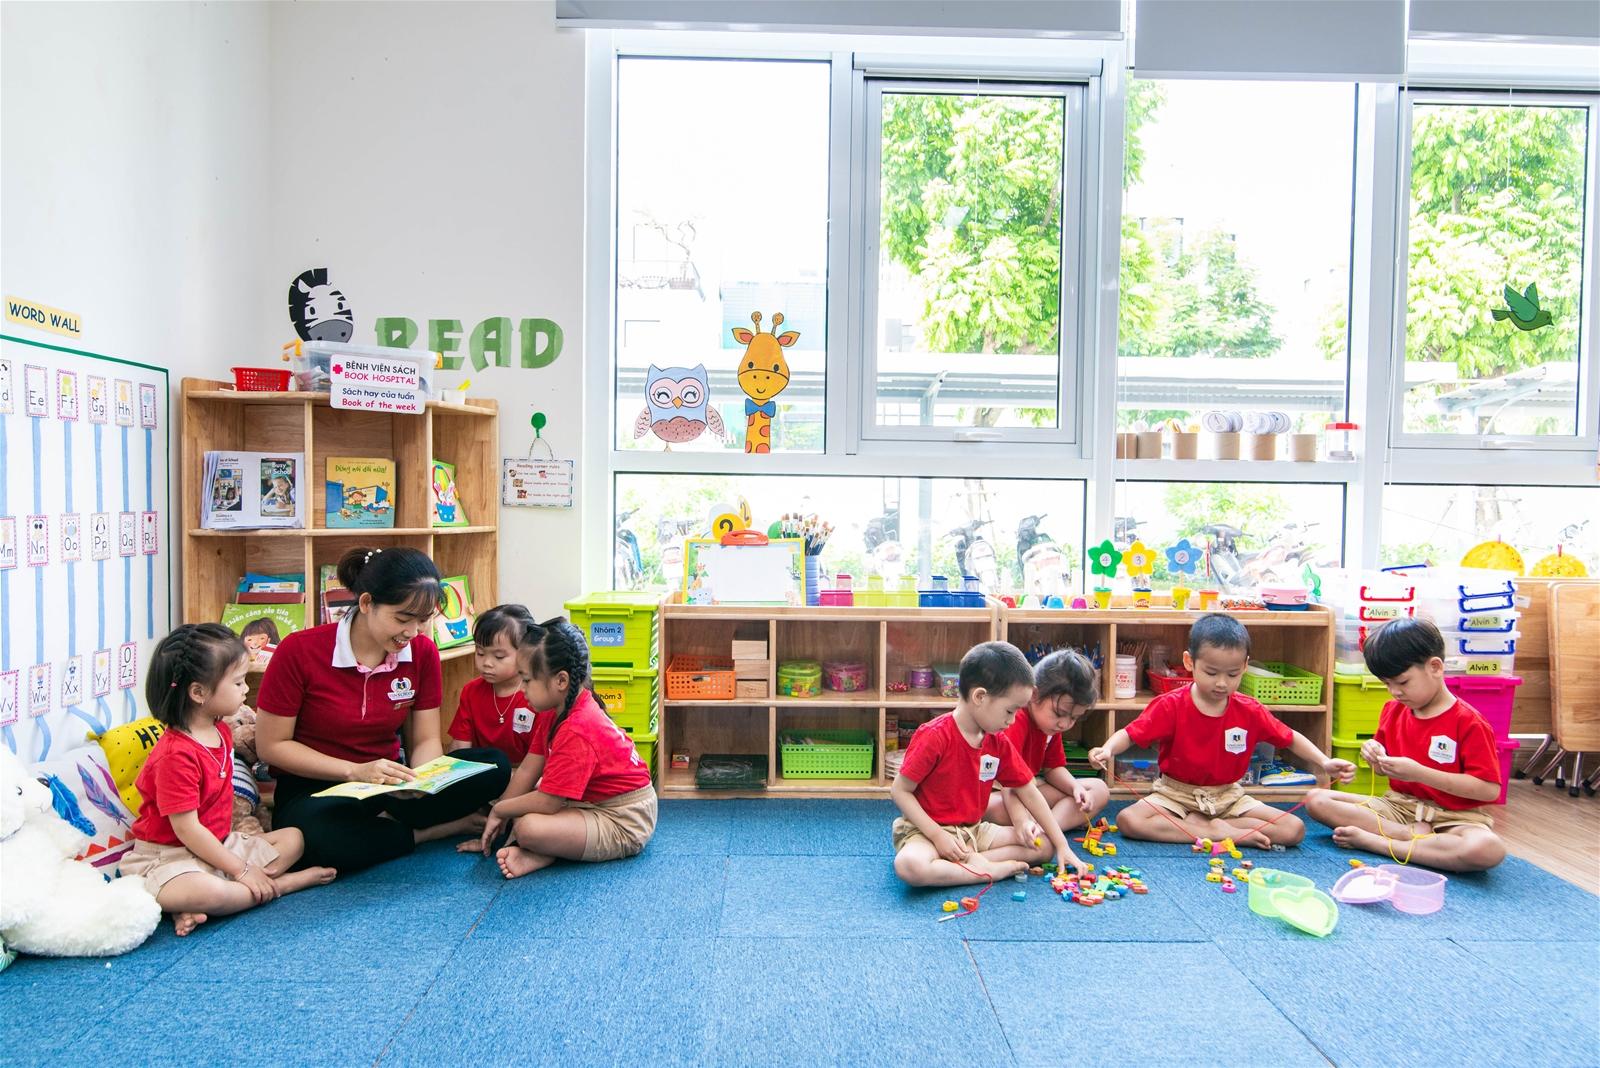 Học phí trường Vinschool một năm bao nhiêu?